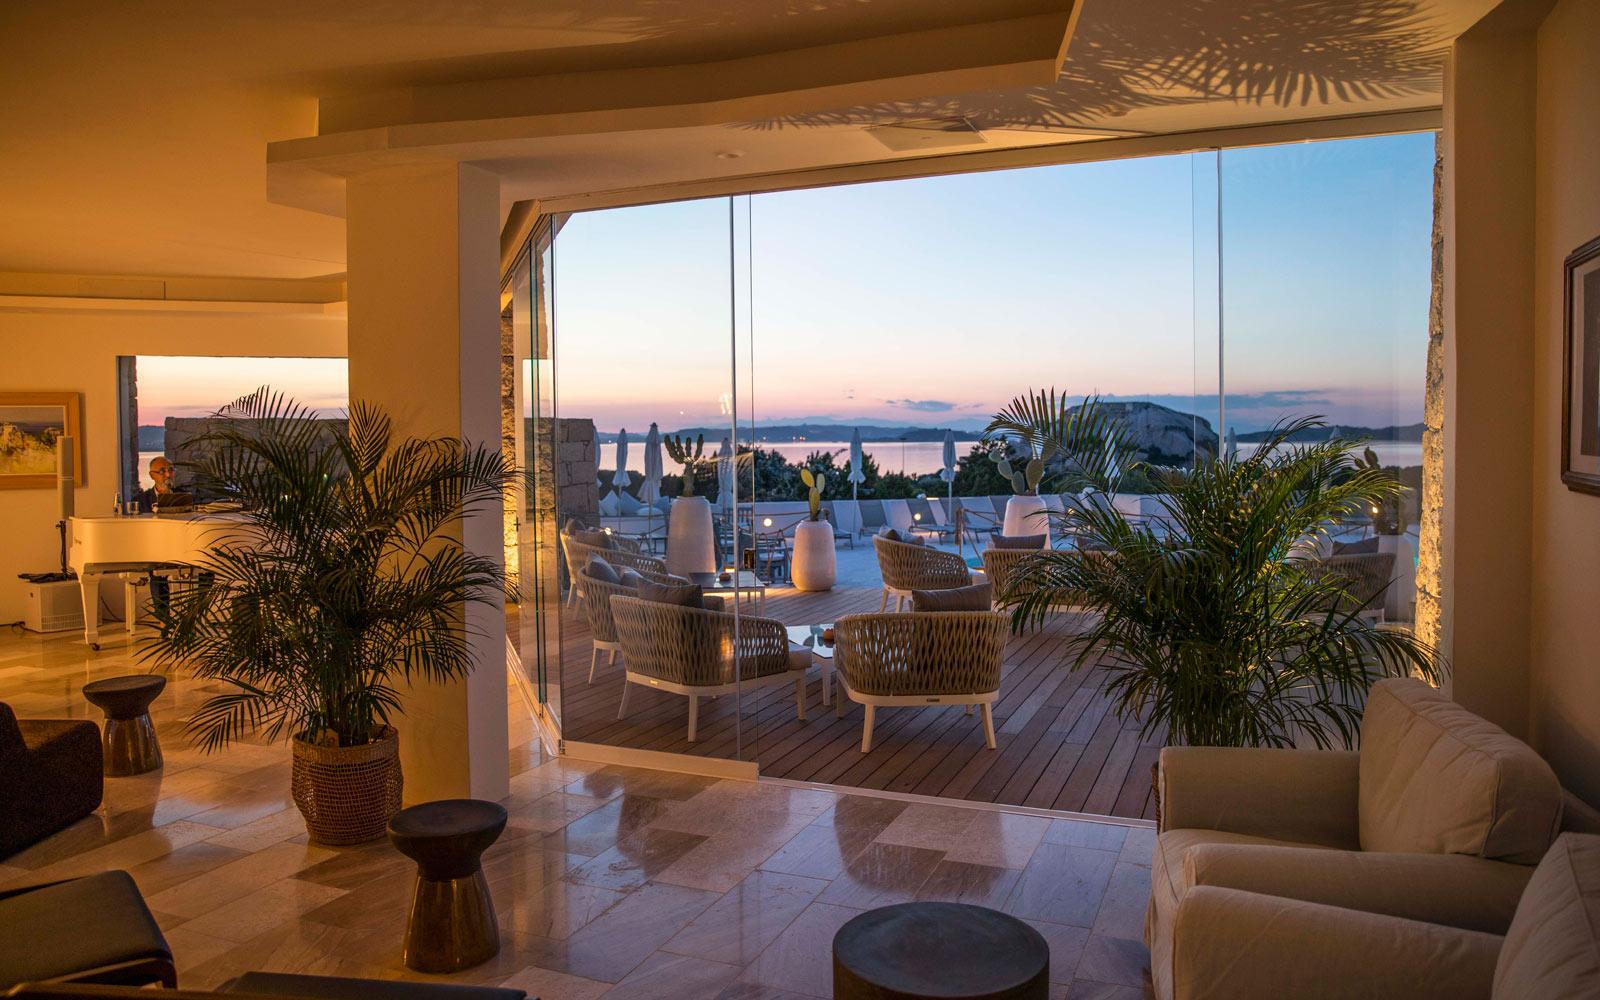 Bar Inside View - Sunset